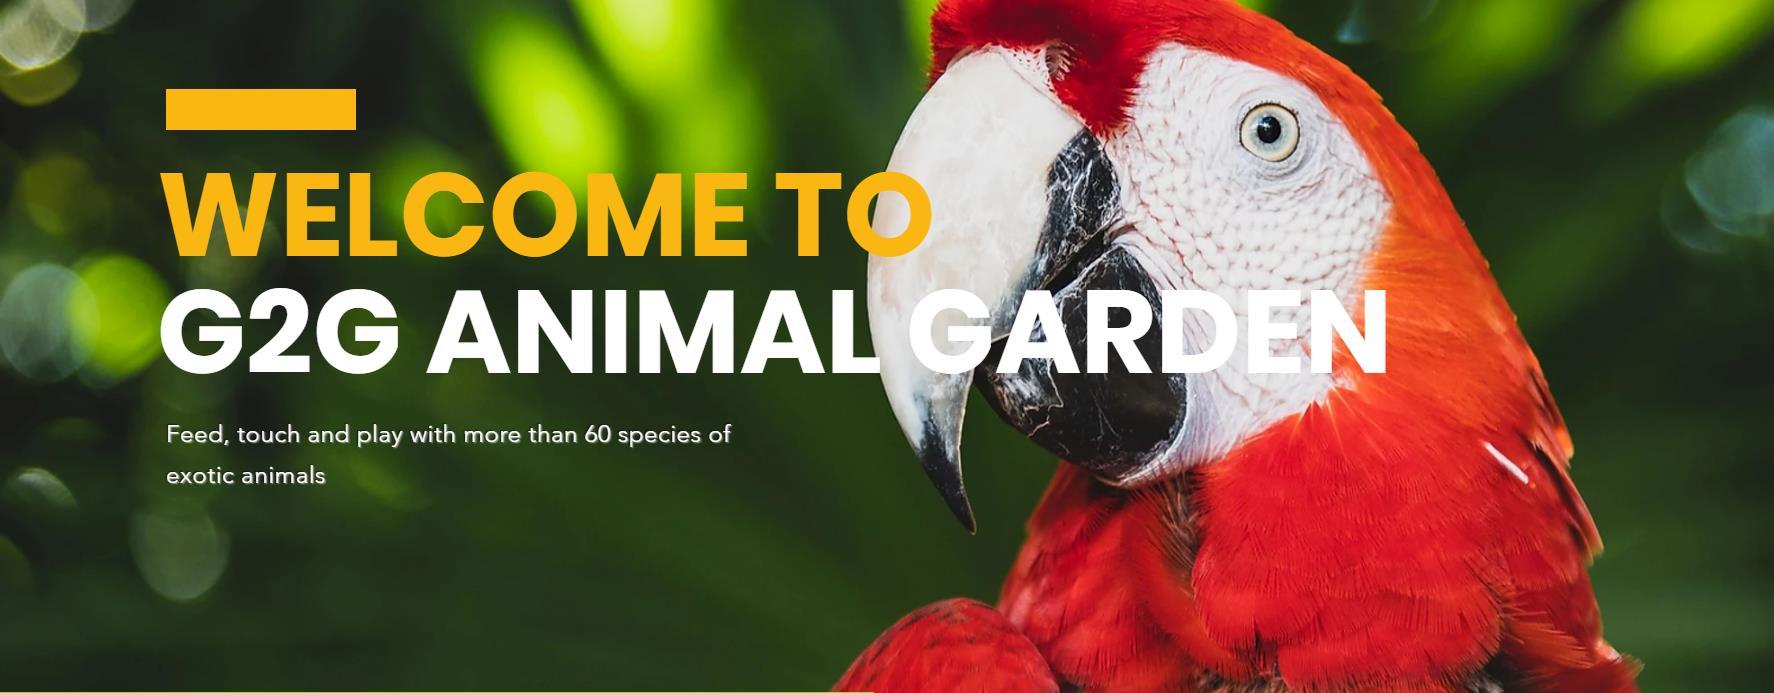 G2G Animal Garden Tickets